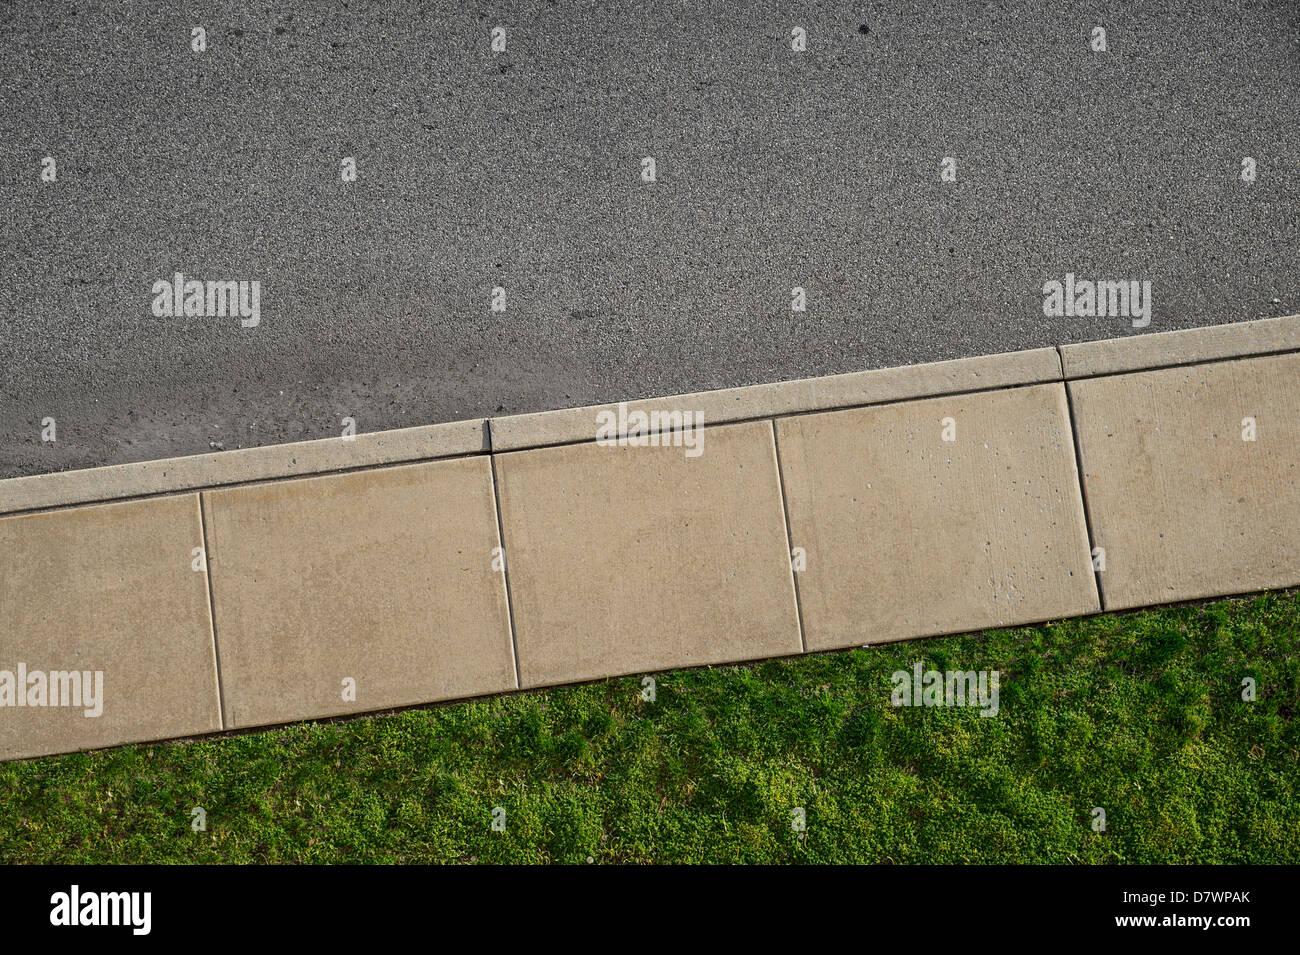 Luftaufnahme des leeren Gehweg Stockbild